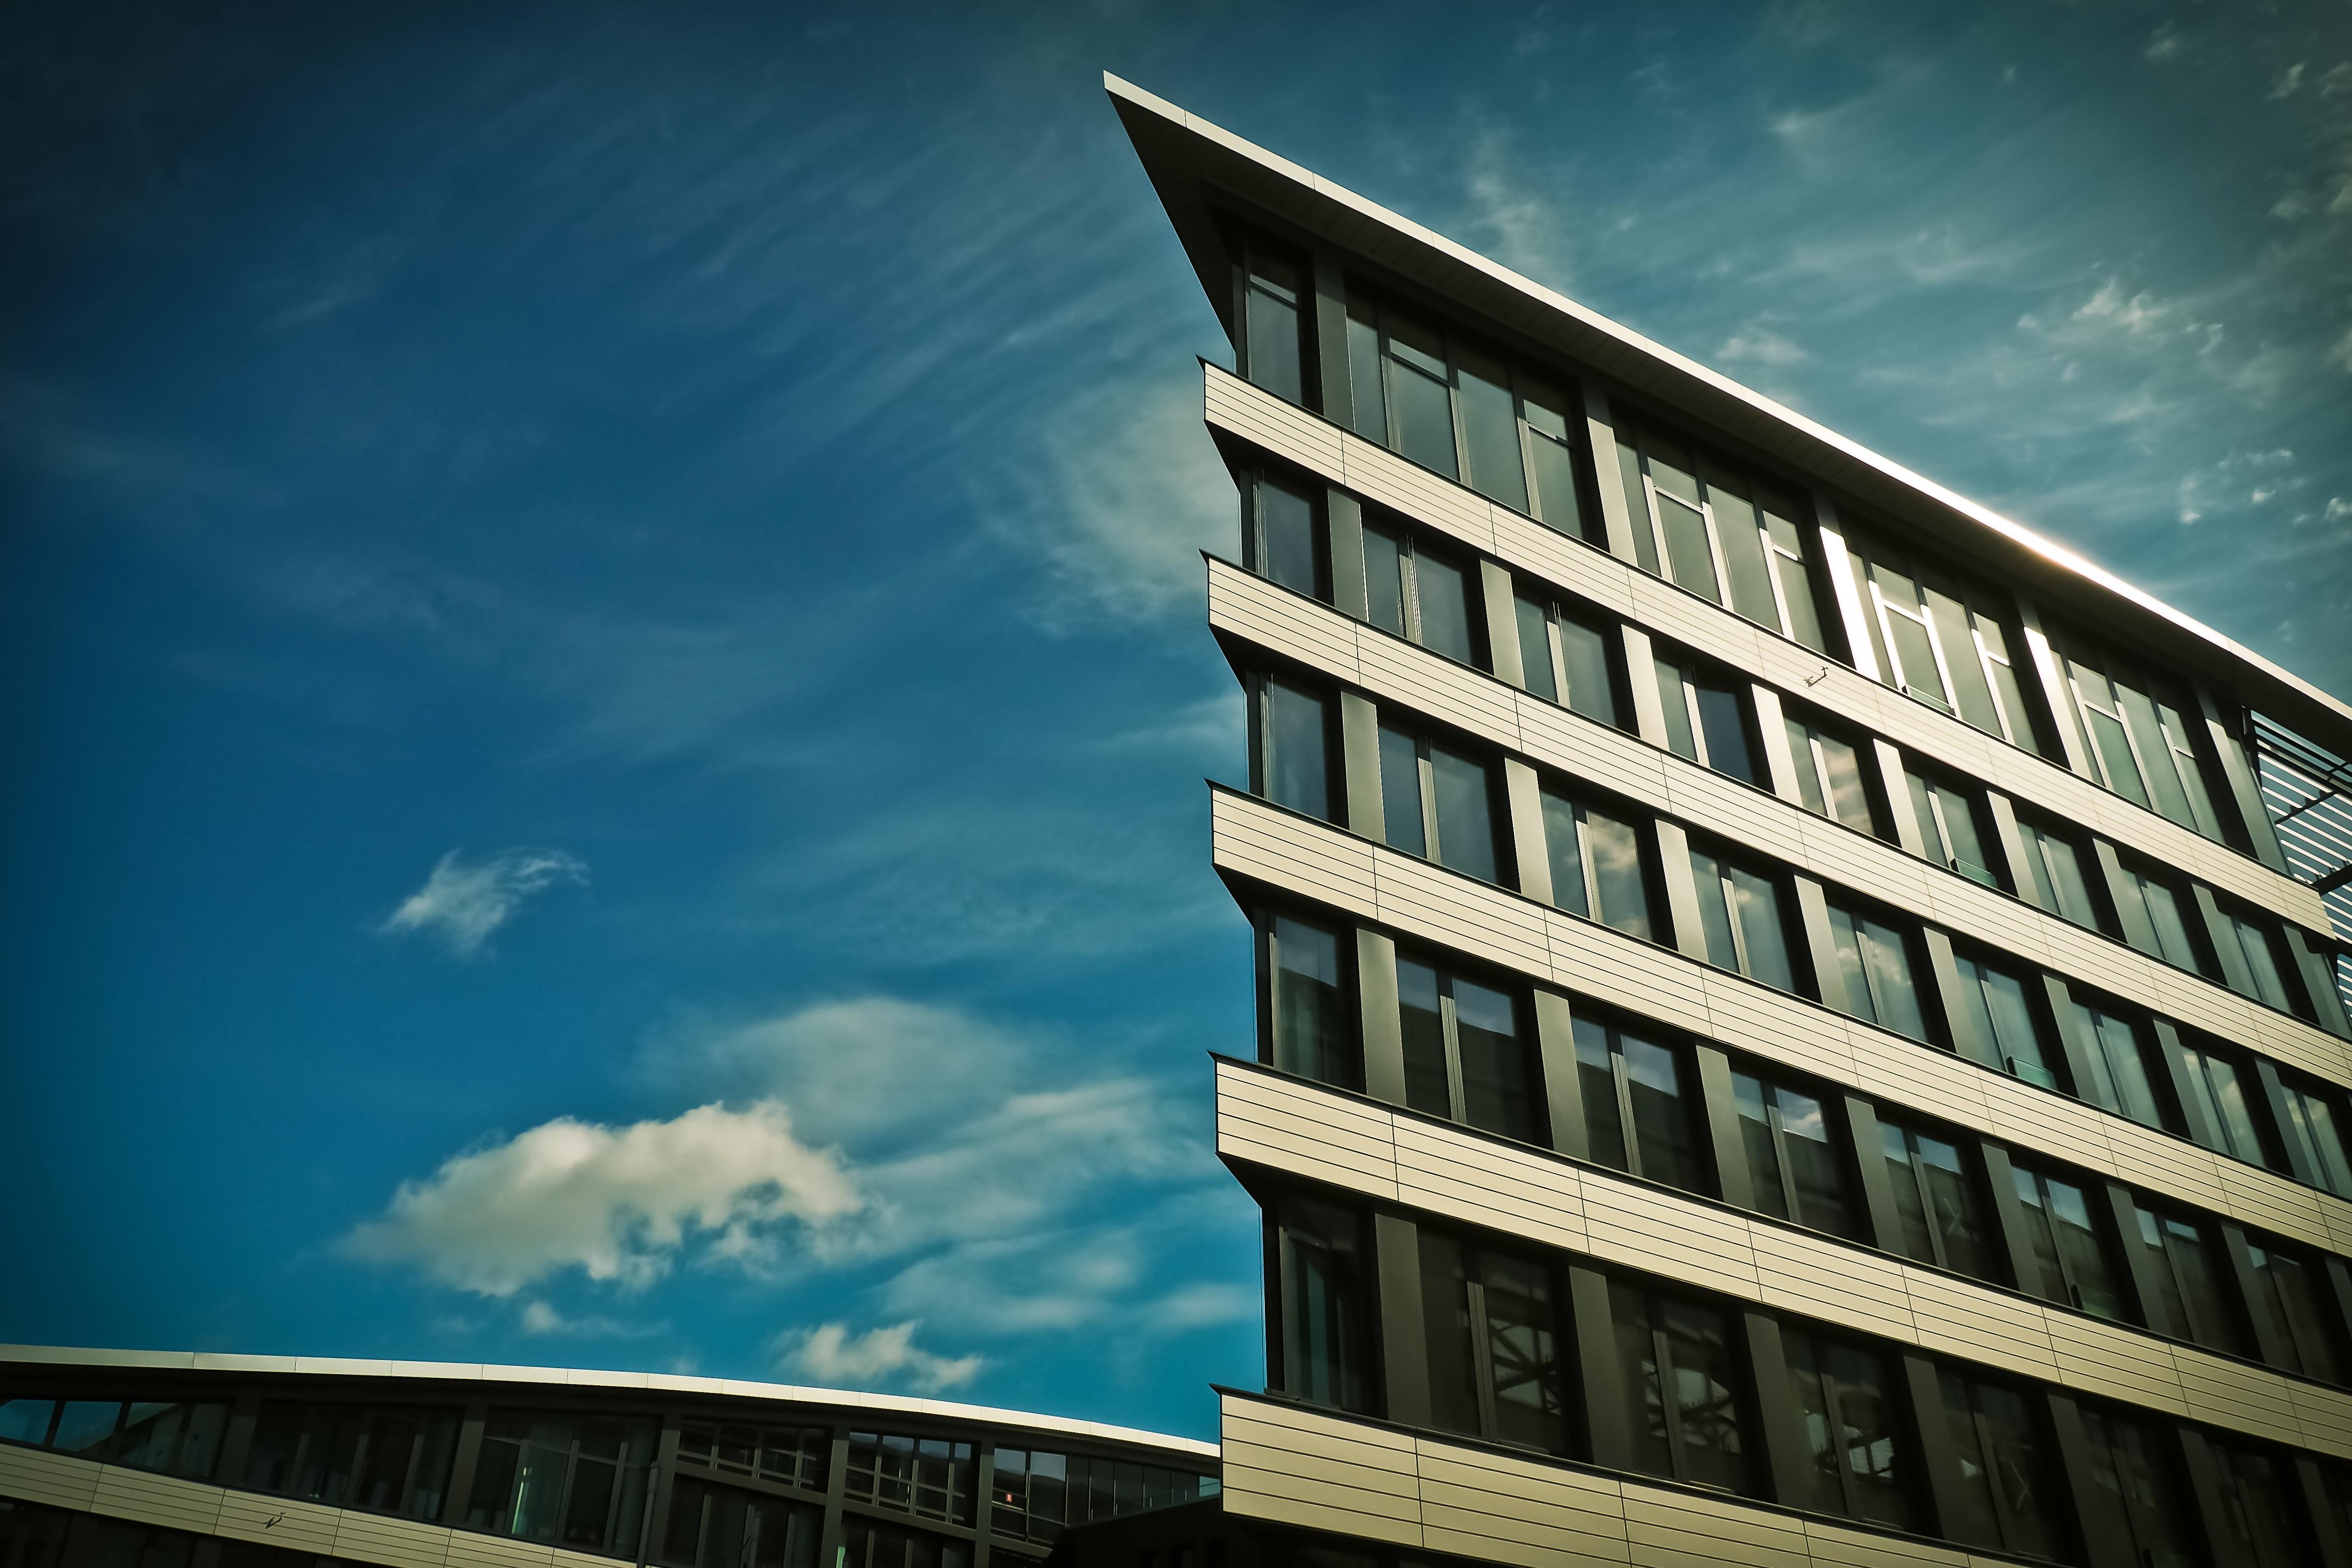 Immagini belle nube cielo finestra bicchiere - Architettura casa moderna ...